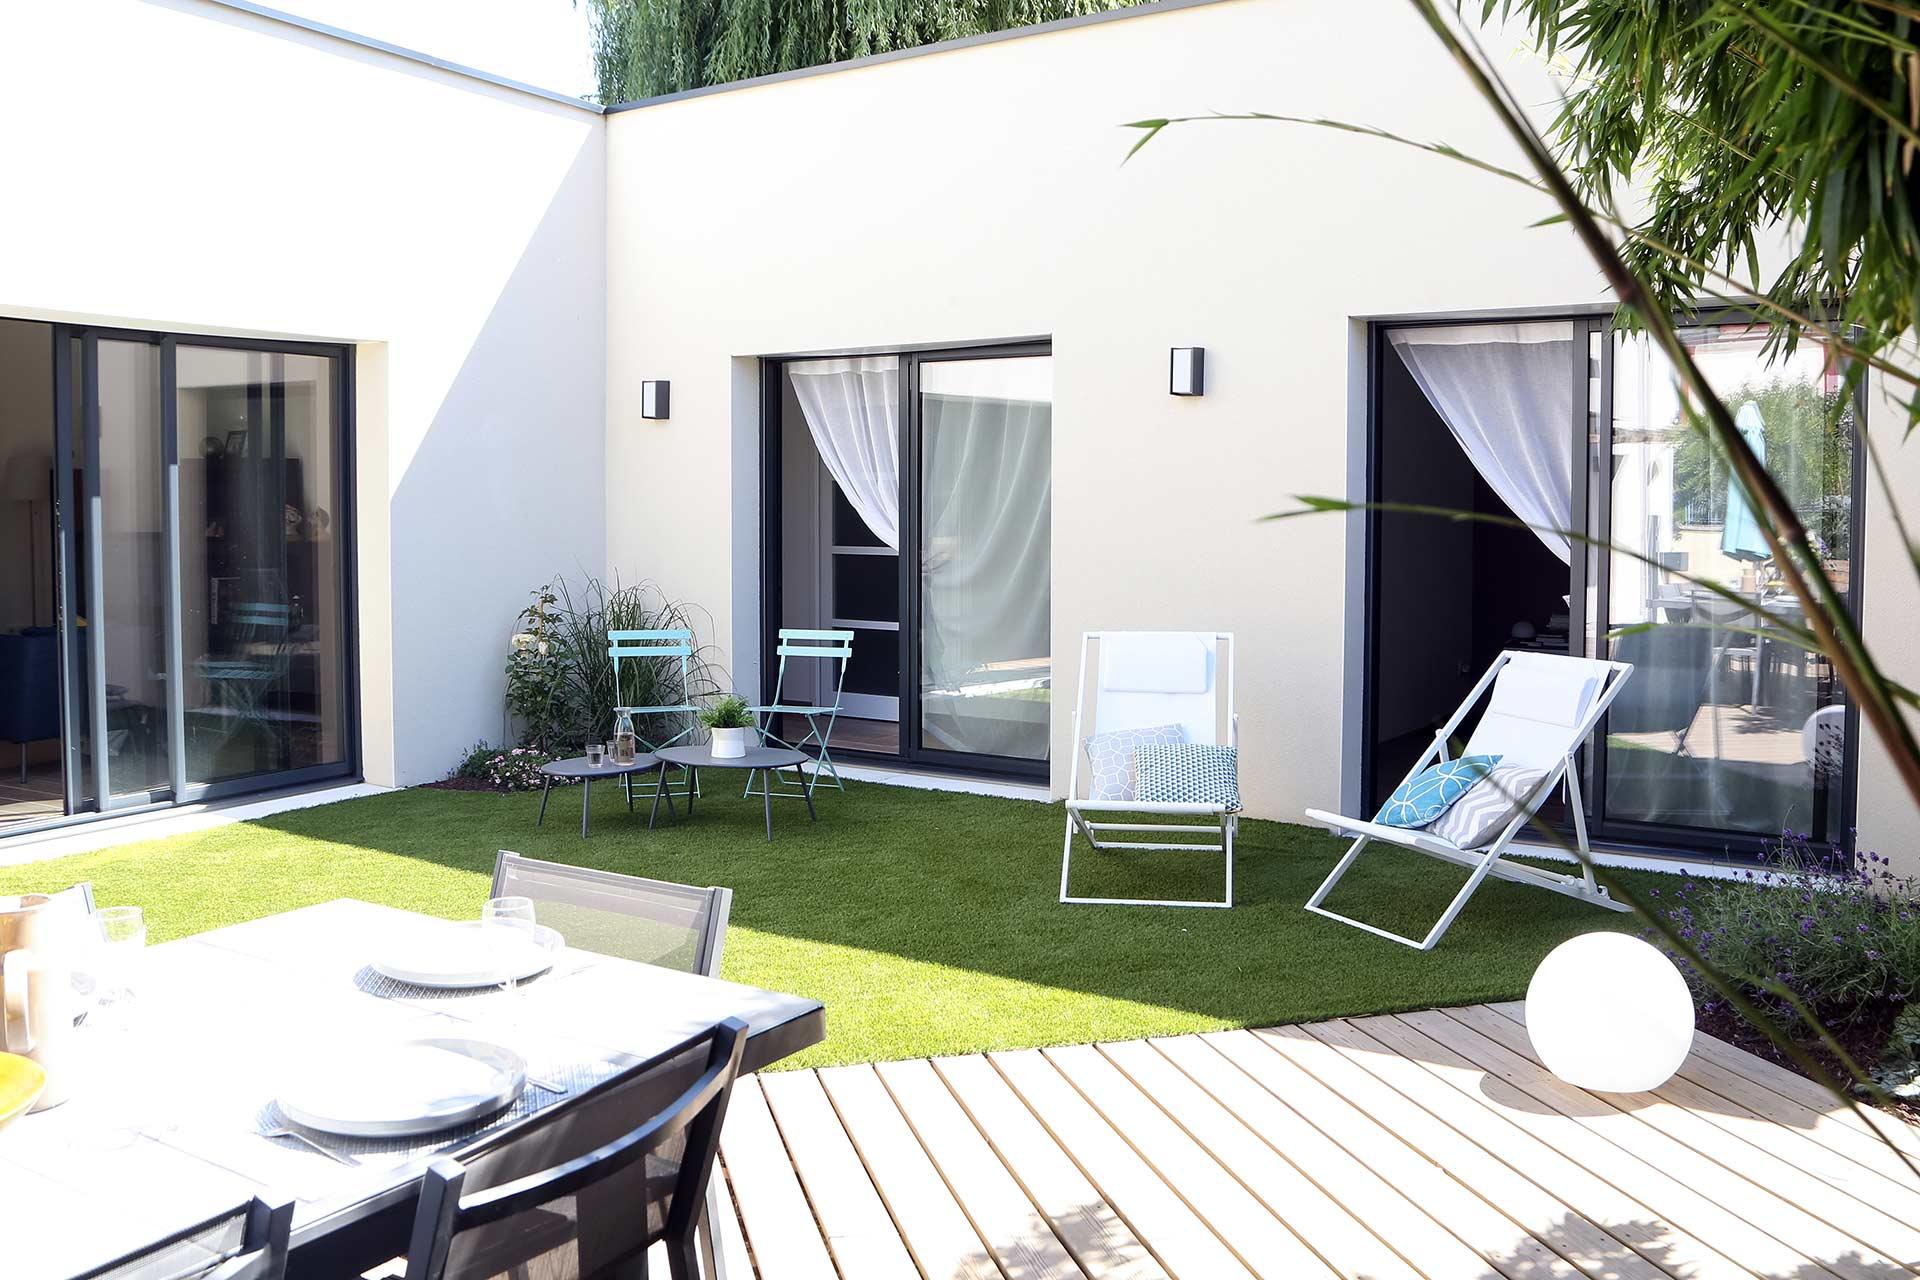 Entreprise du paysage, Serrault Jardins réalise des jardins sur-mesure dans diverses communes comme Bléré.